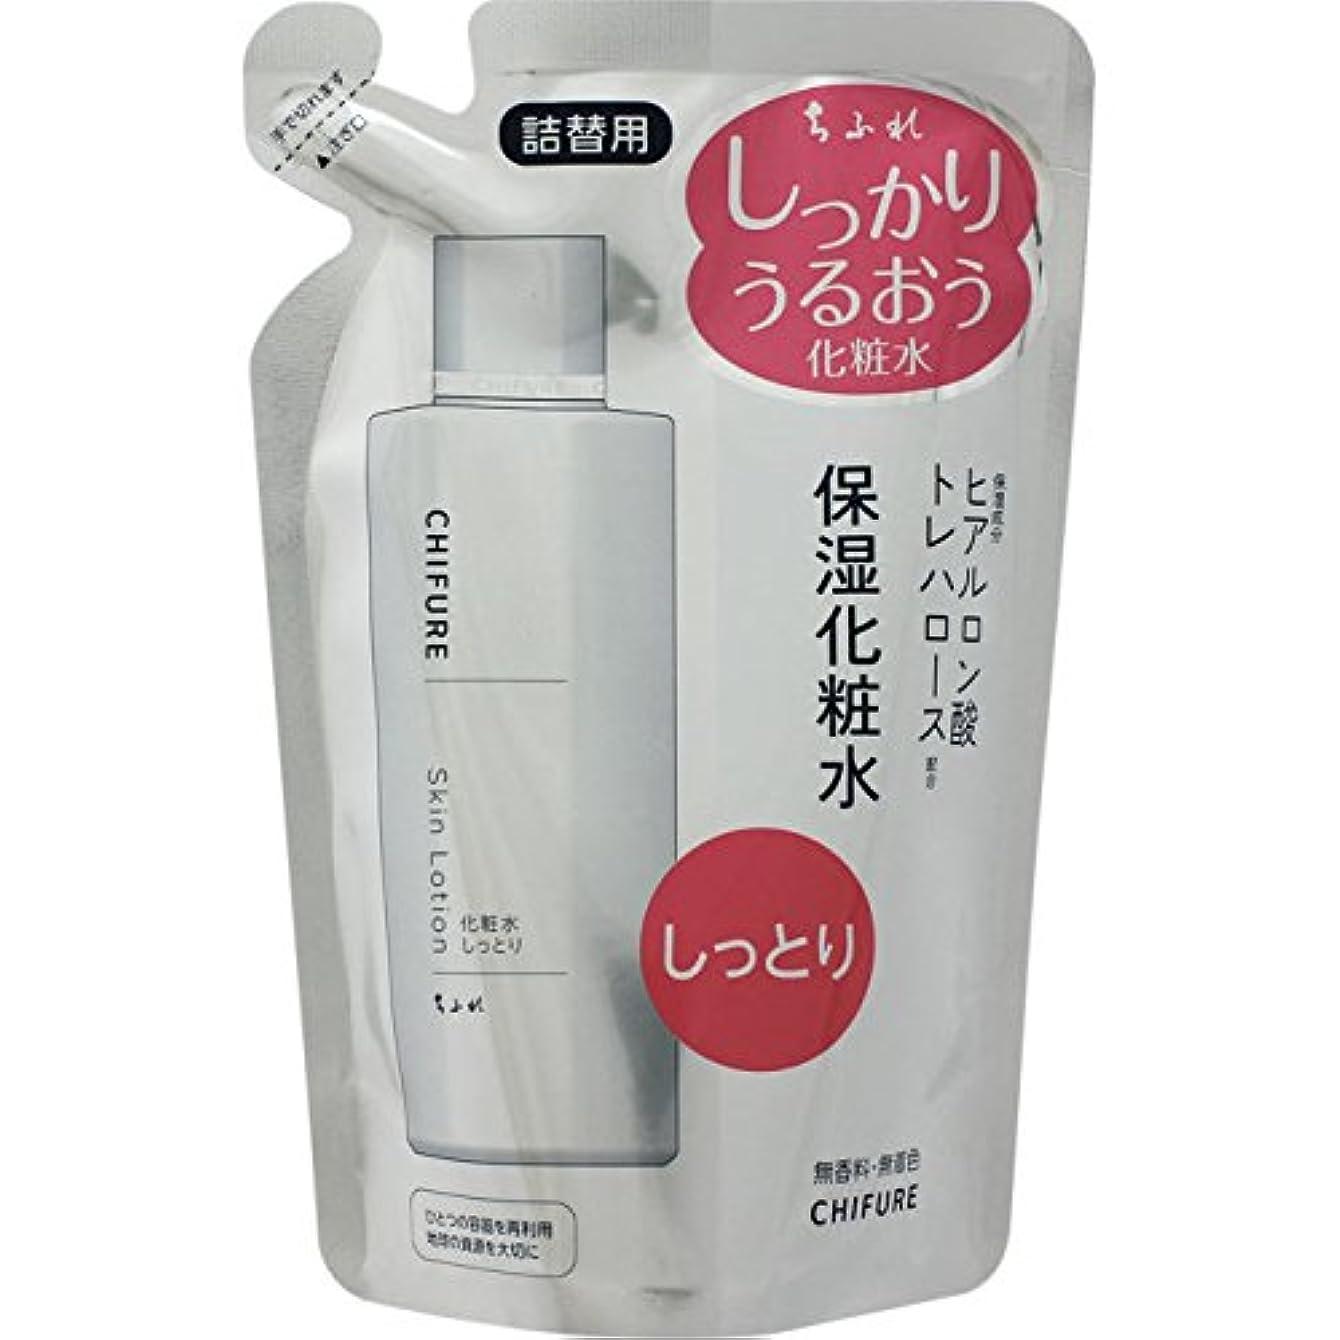 遺産混雑人物ちふれ化粧品 化粧水 しっとりタイプ N 詰替え用 150ml 150ML